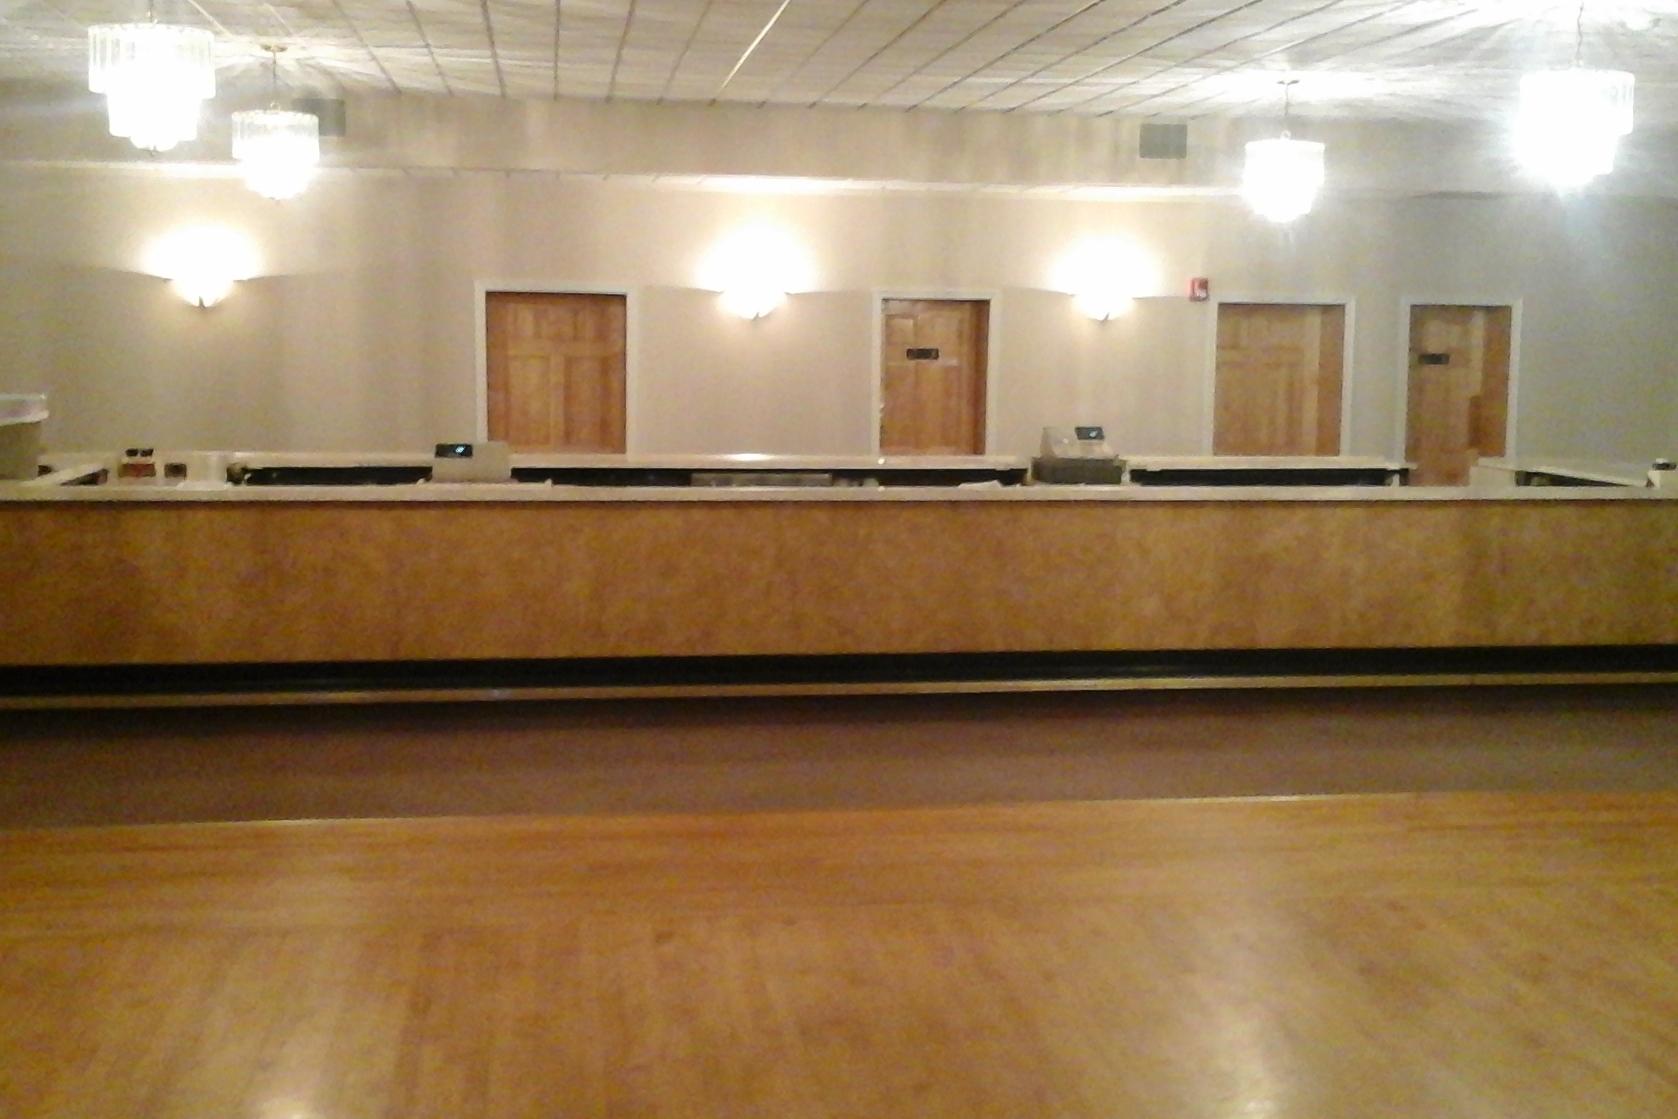 Event Venue Design - The Champagne Room -Marple Ave, PA